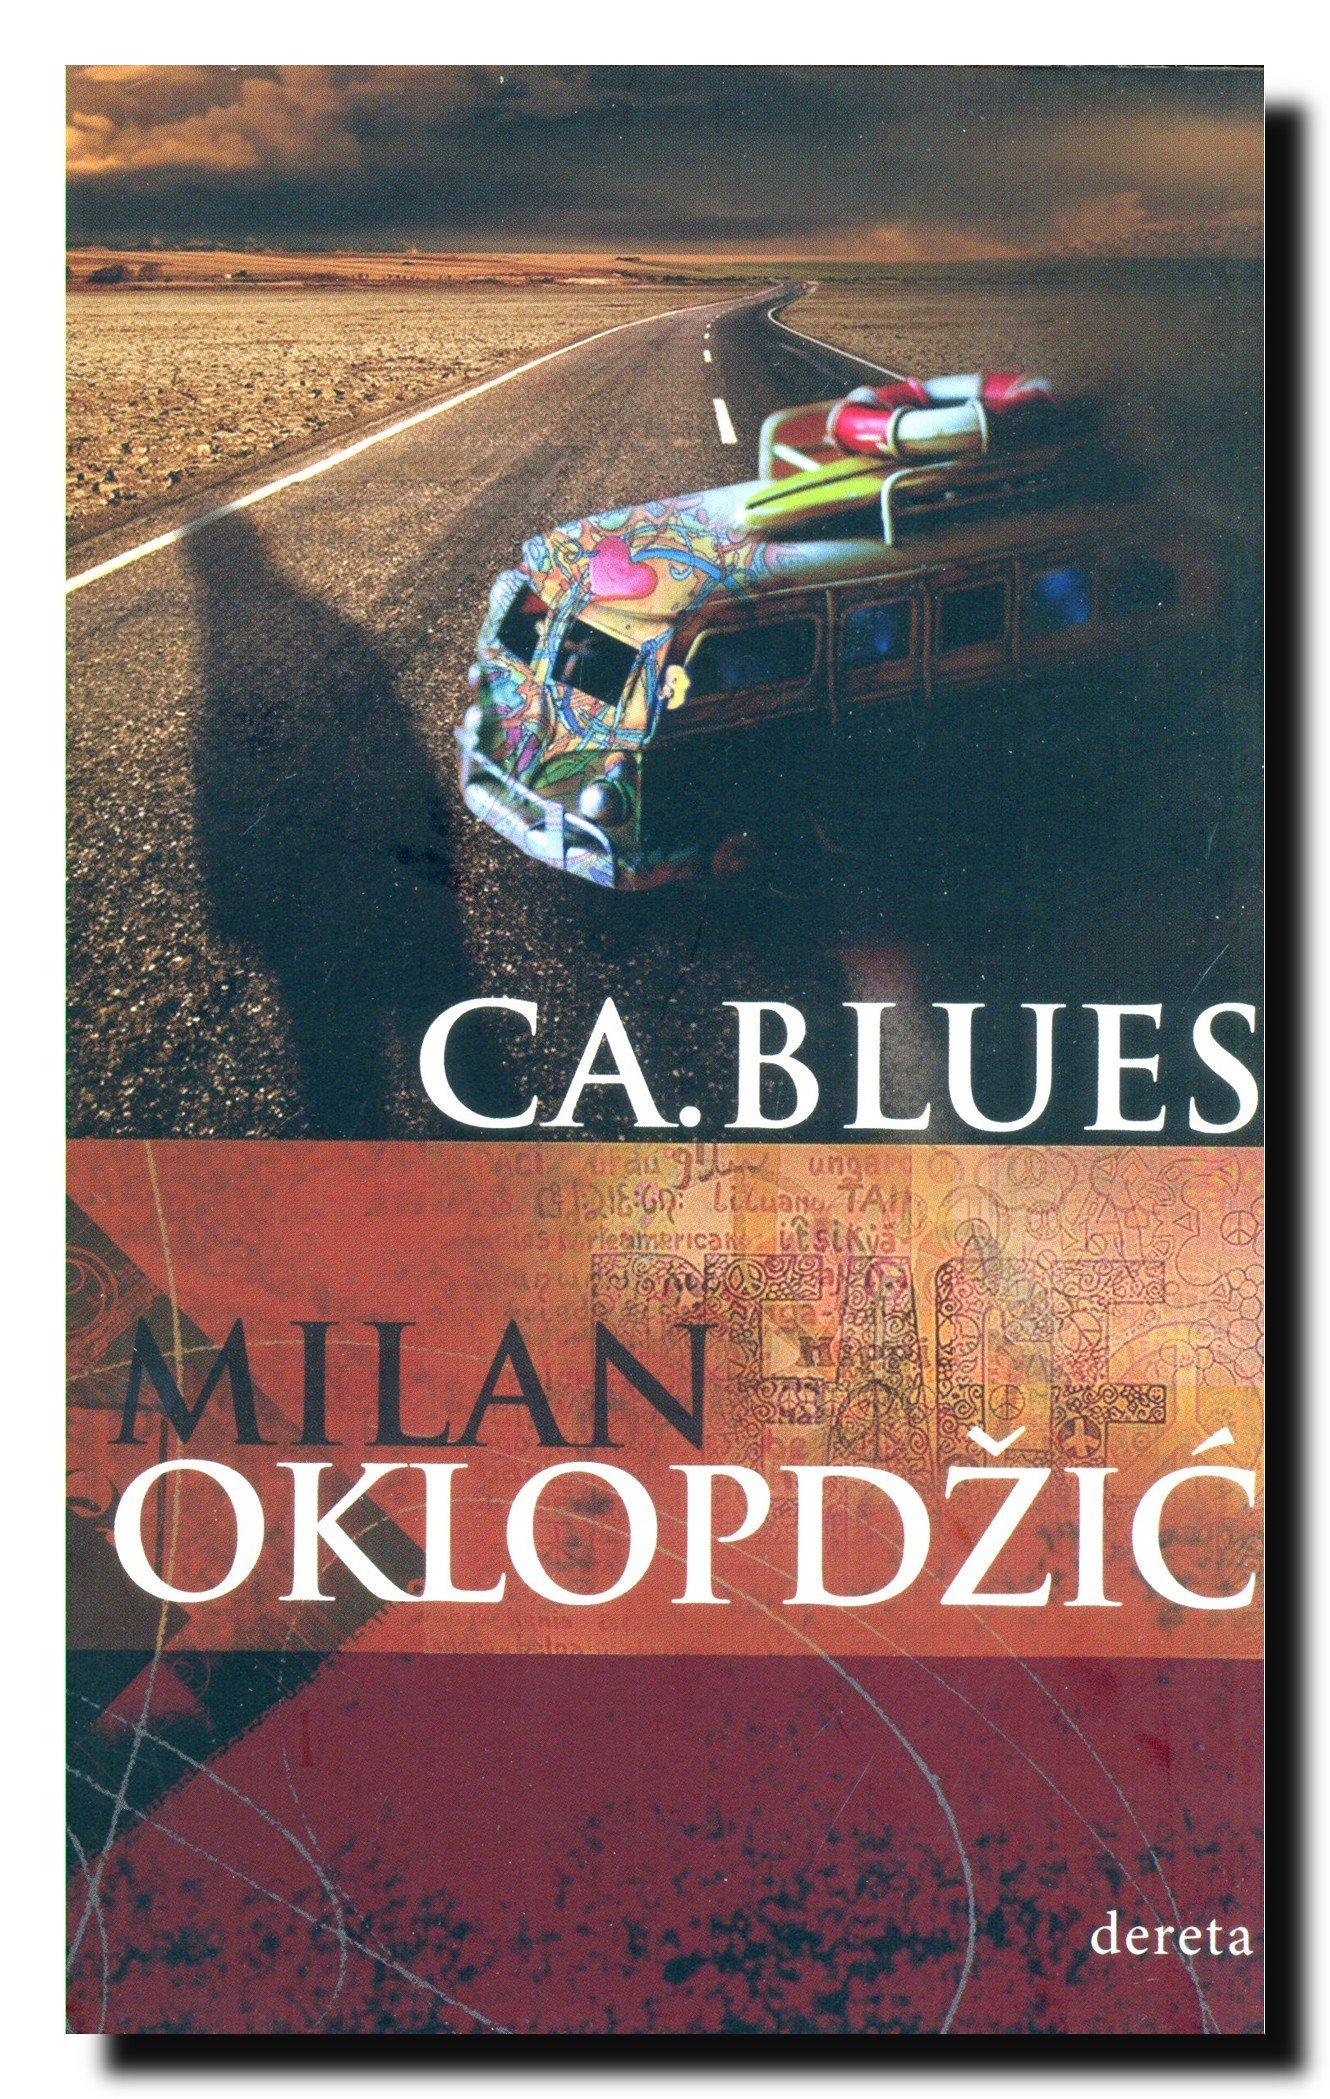 Ca. Blues Text fb2 ebook